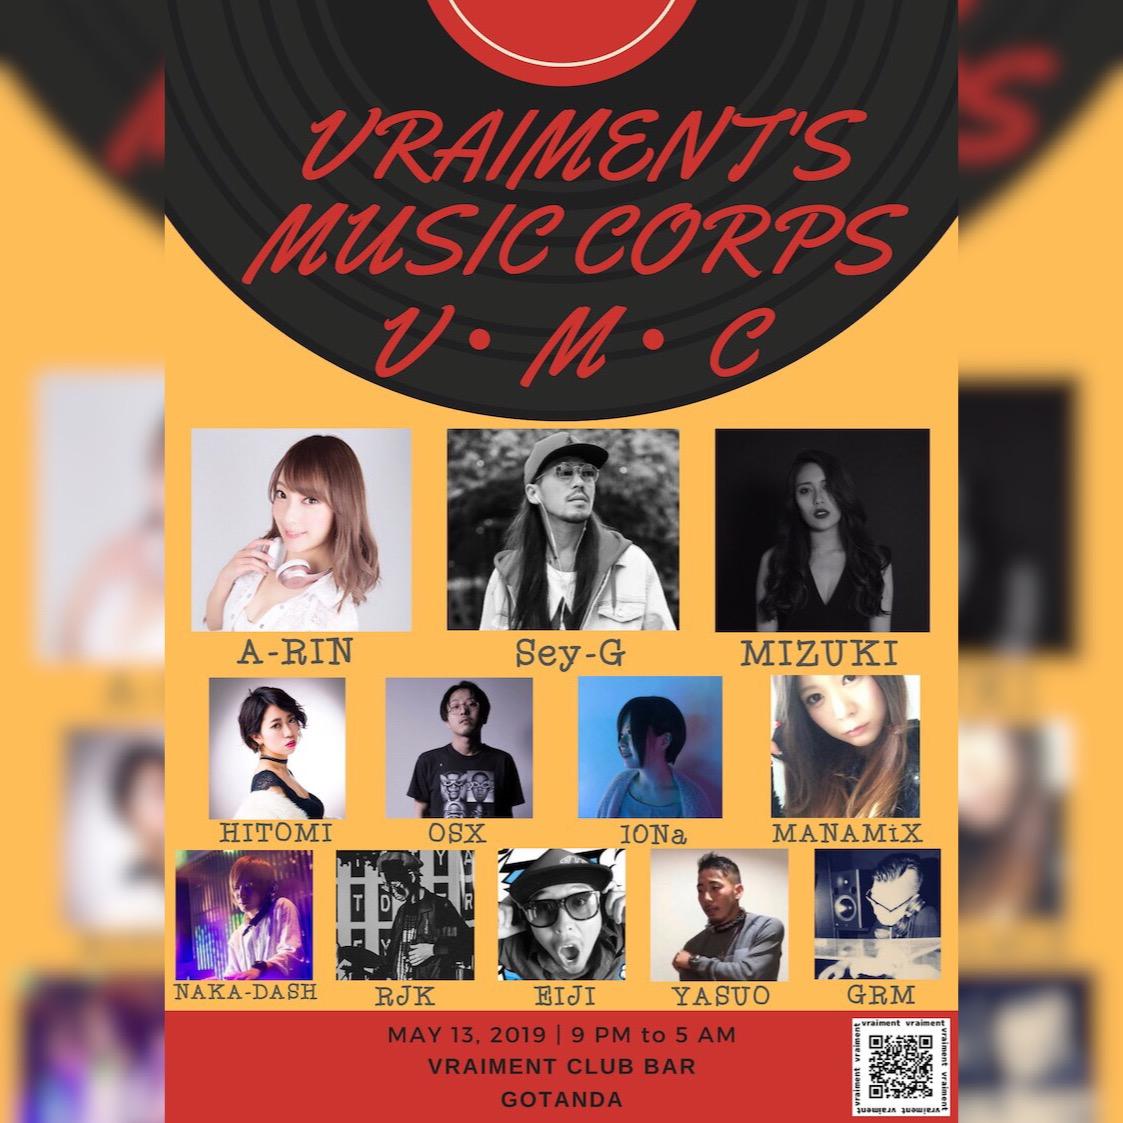 【5月13日】V・M・C〜VRAIMENT MUSIC COEPS〜